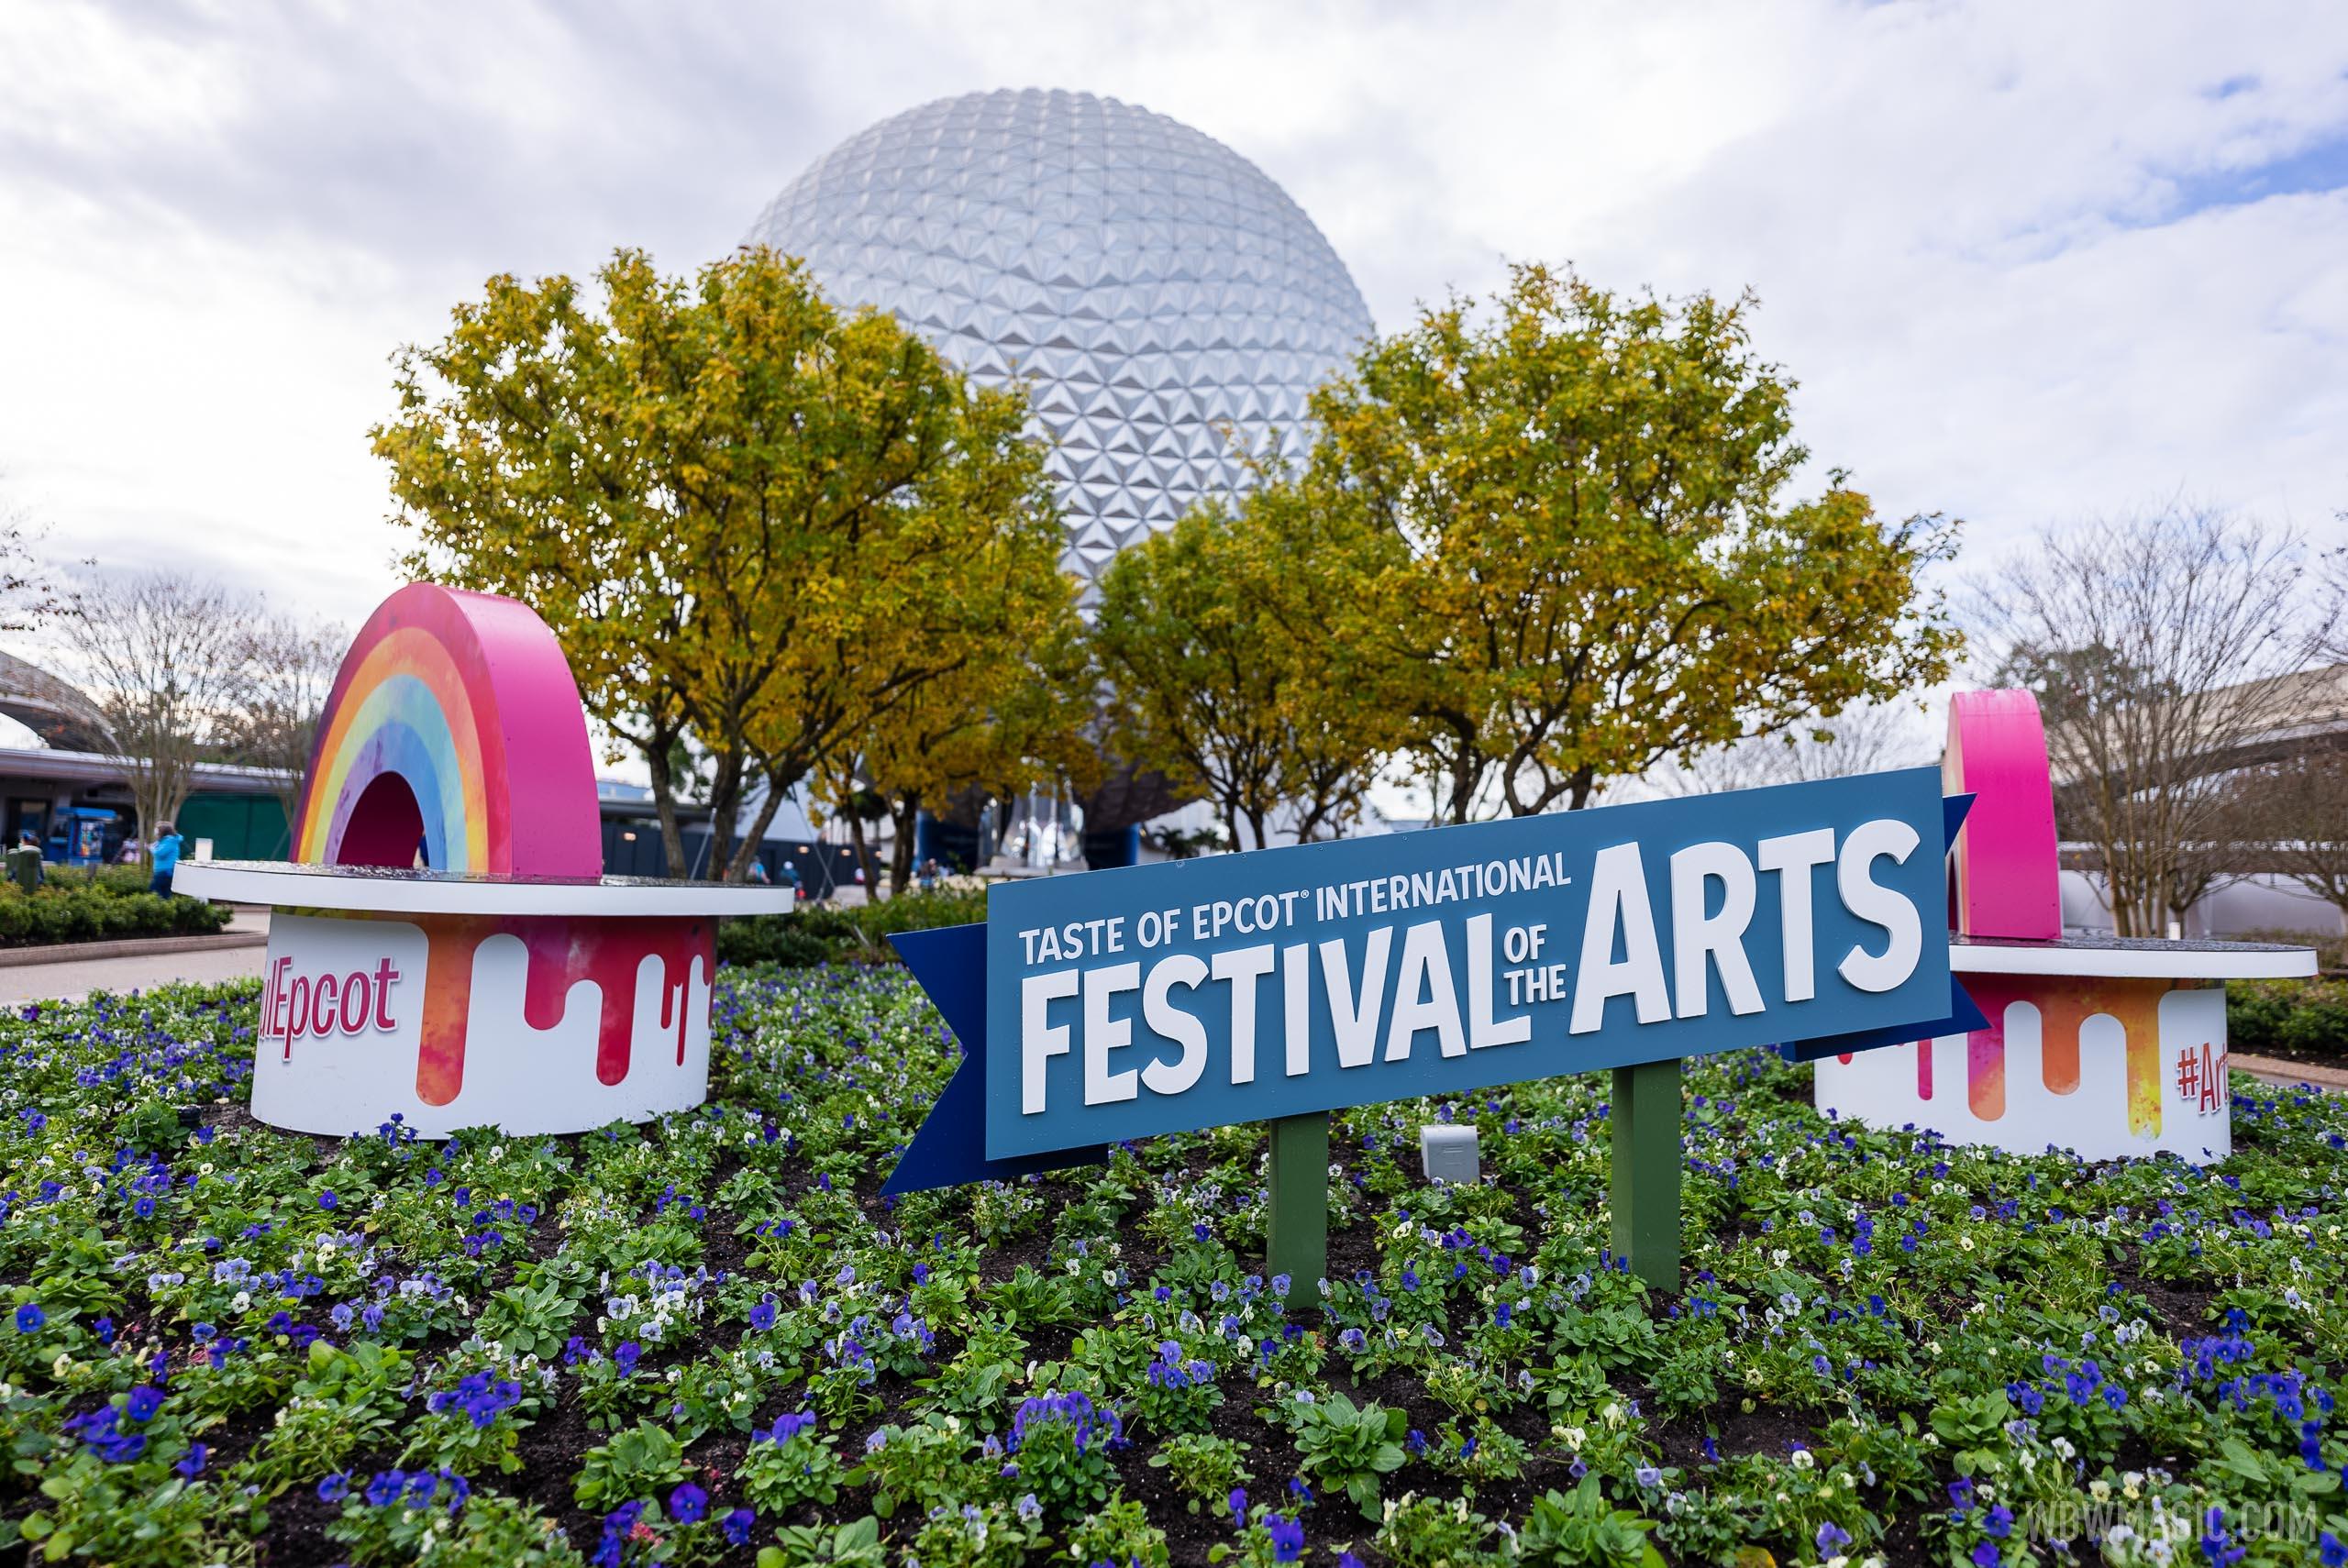 Epcot-International-Festival-of-the-Arts_Full_40513.jpg